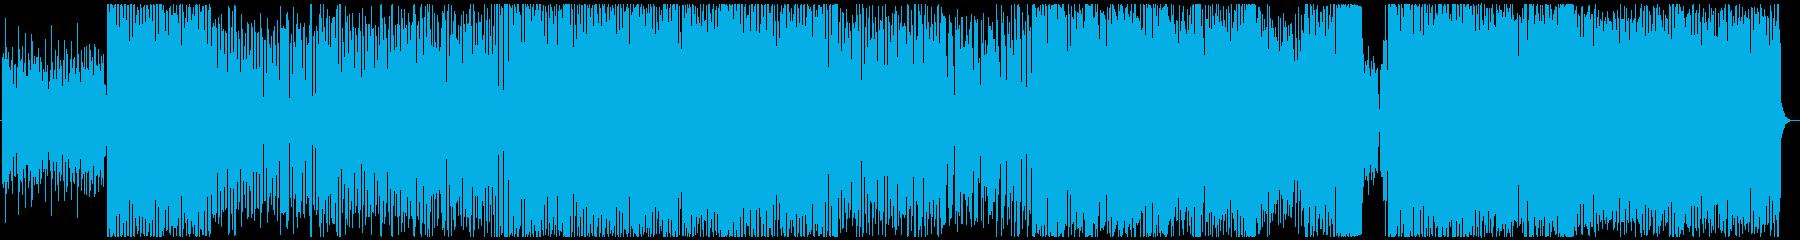 ポップで明るく楽しい雰囲気の曲の再生済みの波形